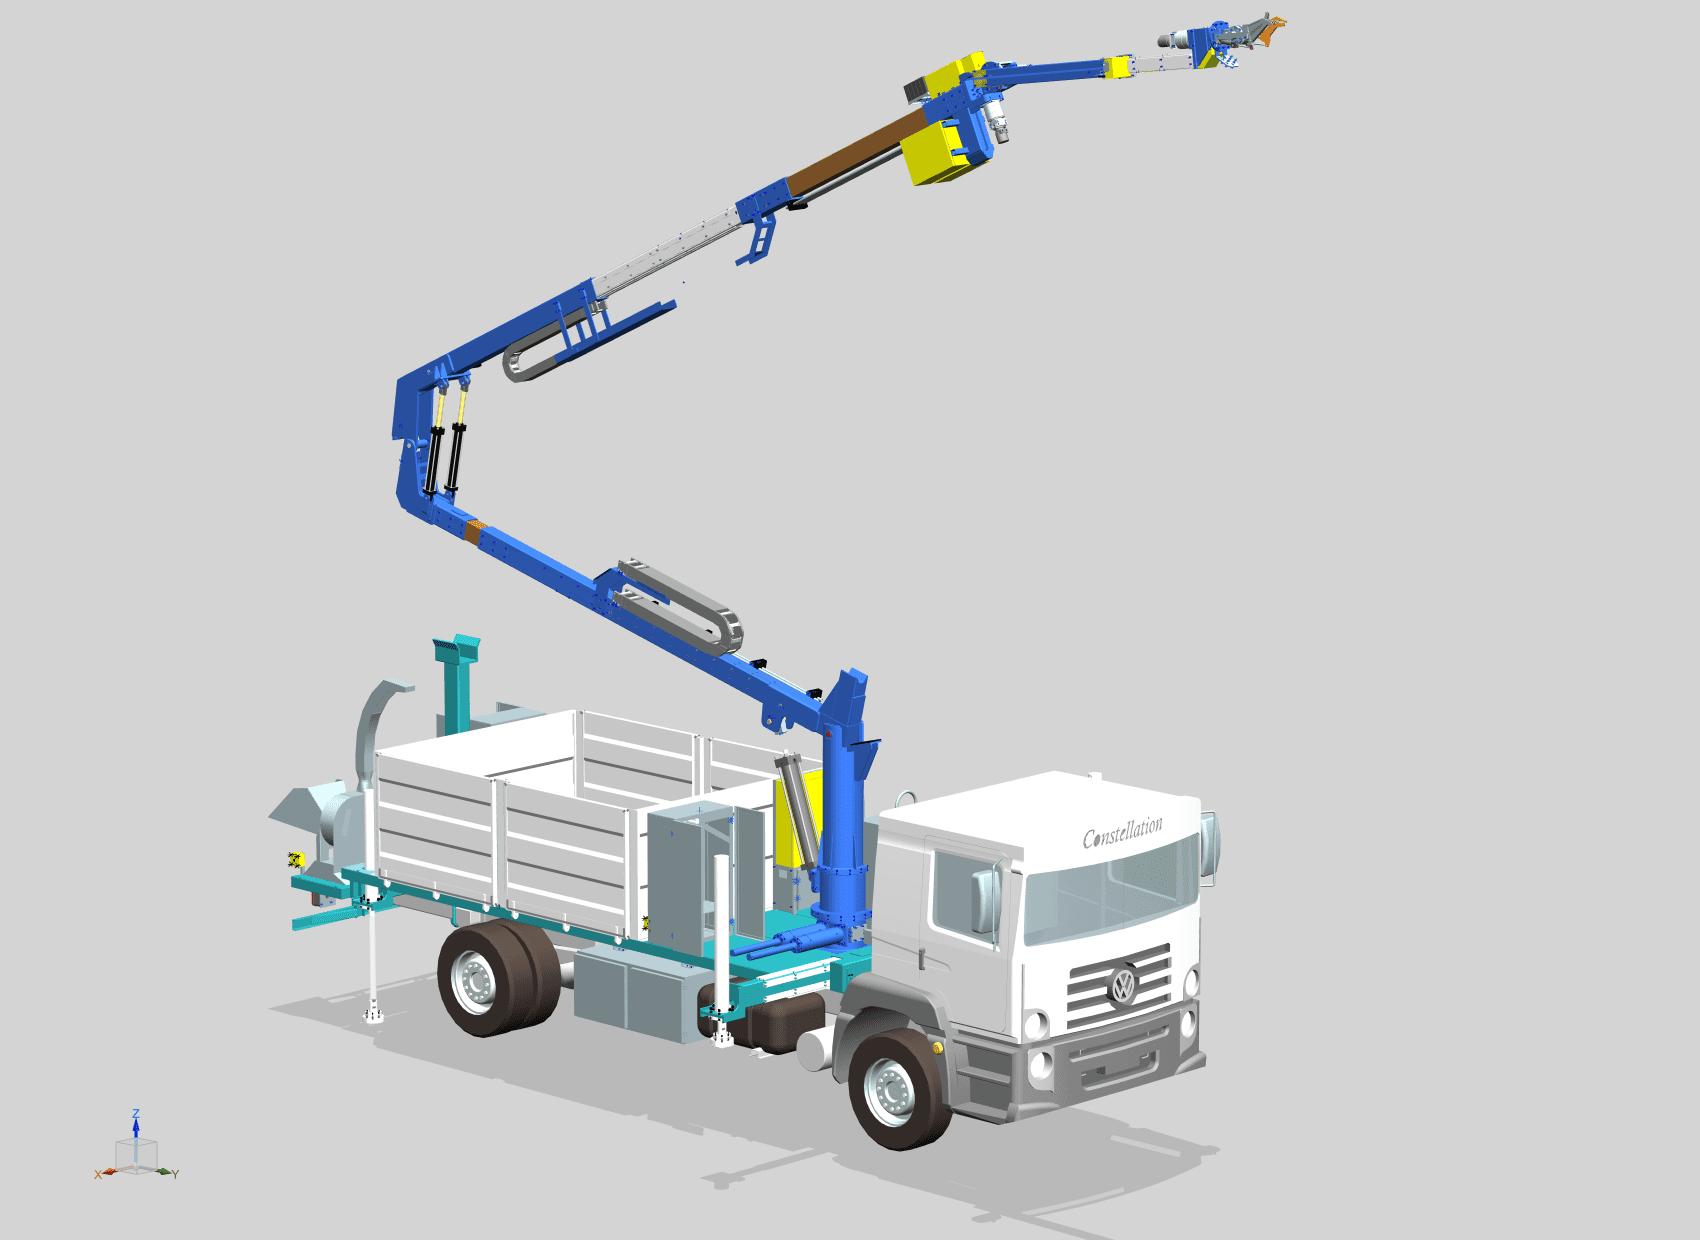 equipamento_poda_robotizada1